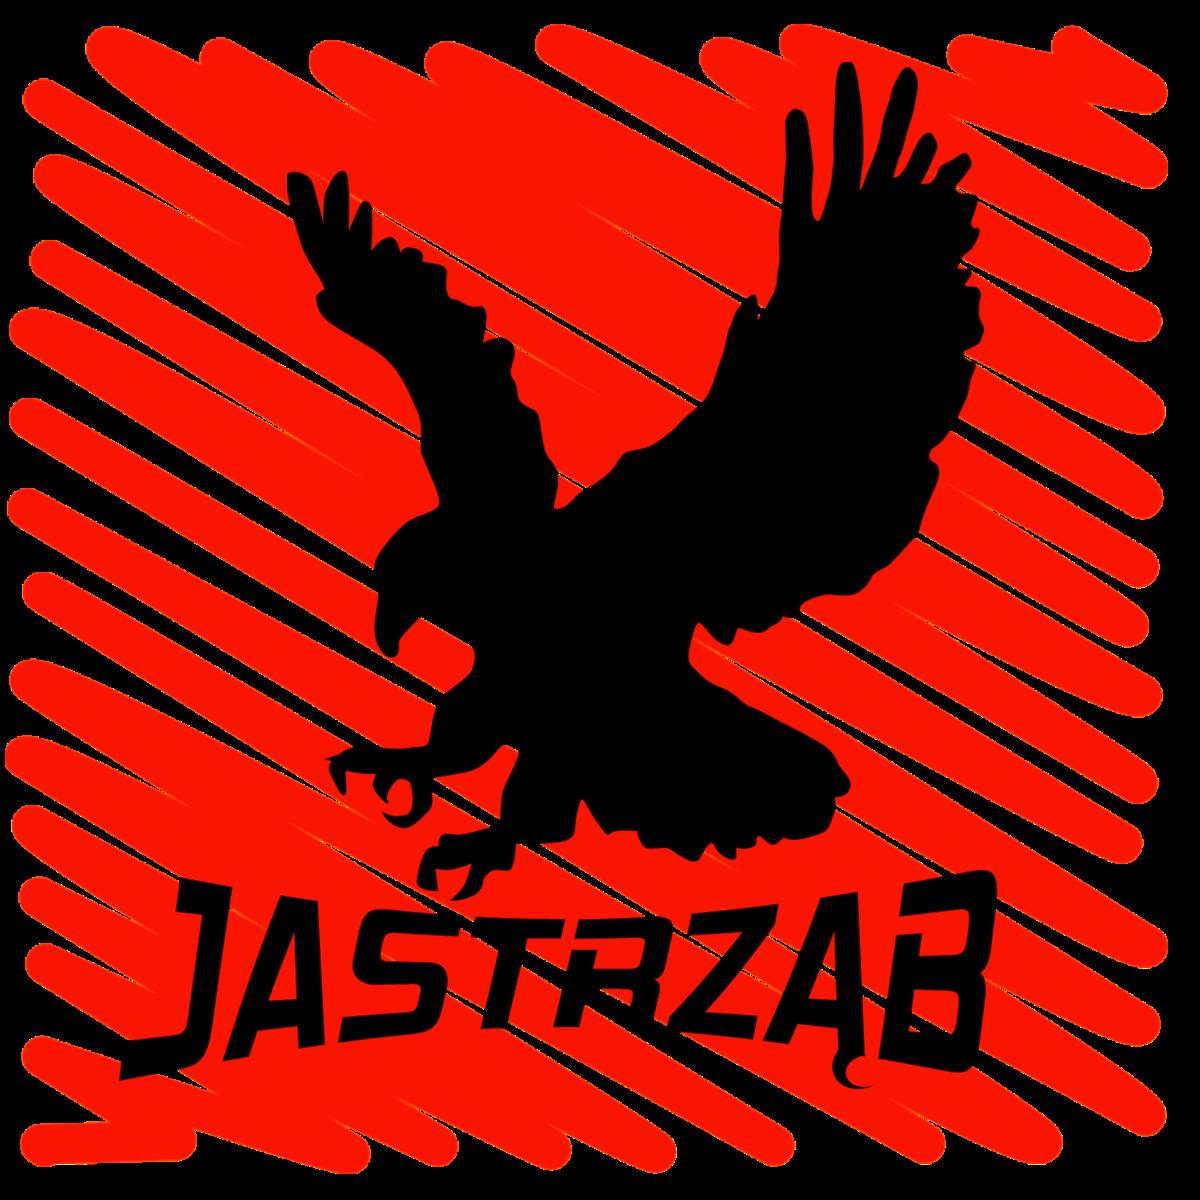 OSK Szkolenia Jastrząb Jastrzębie-Zdrój